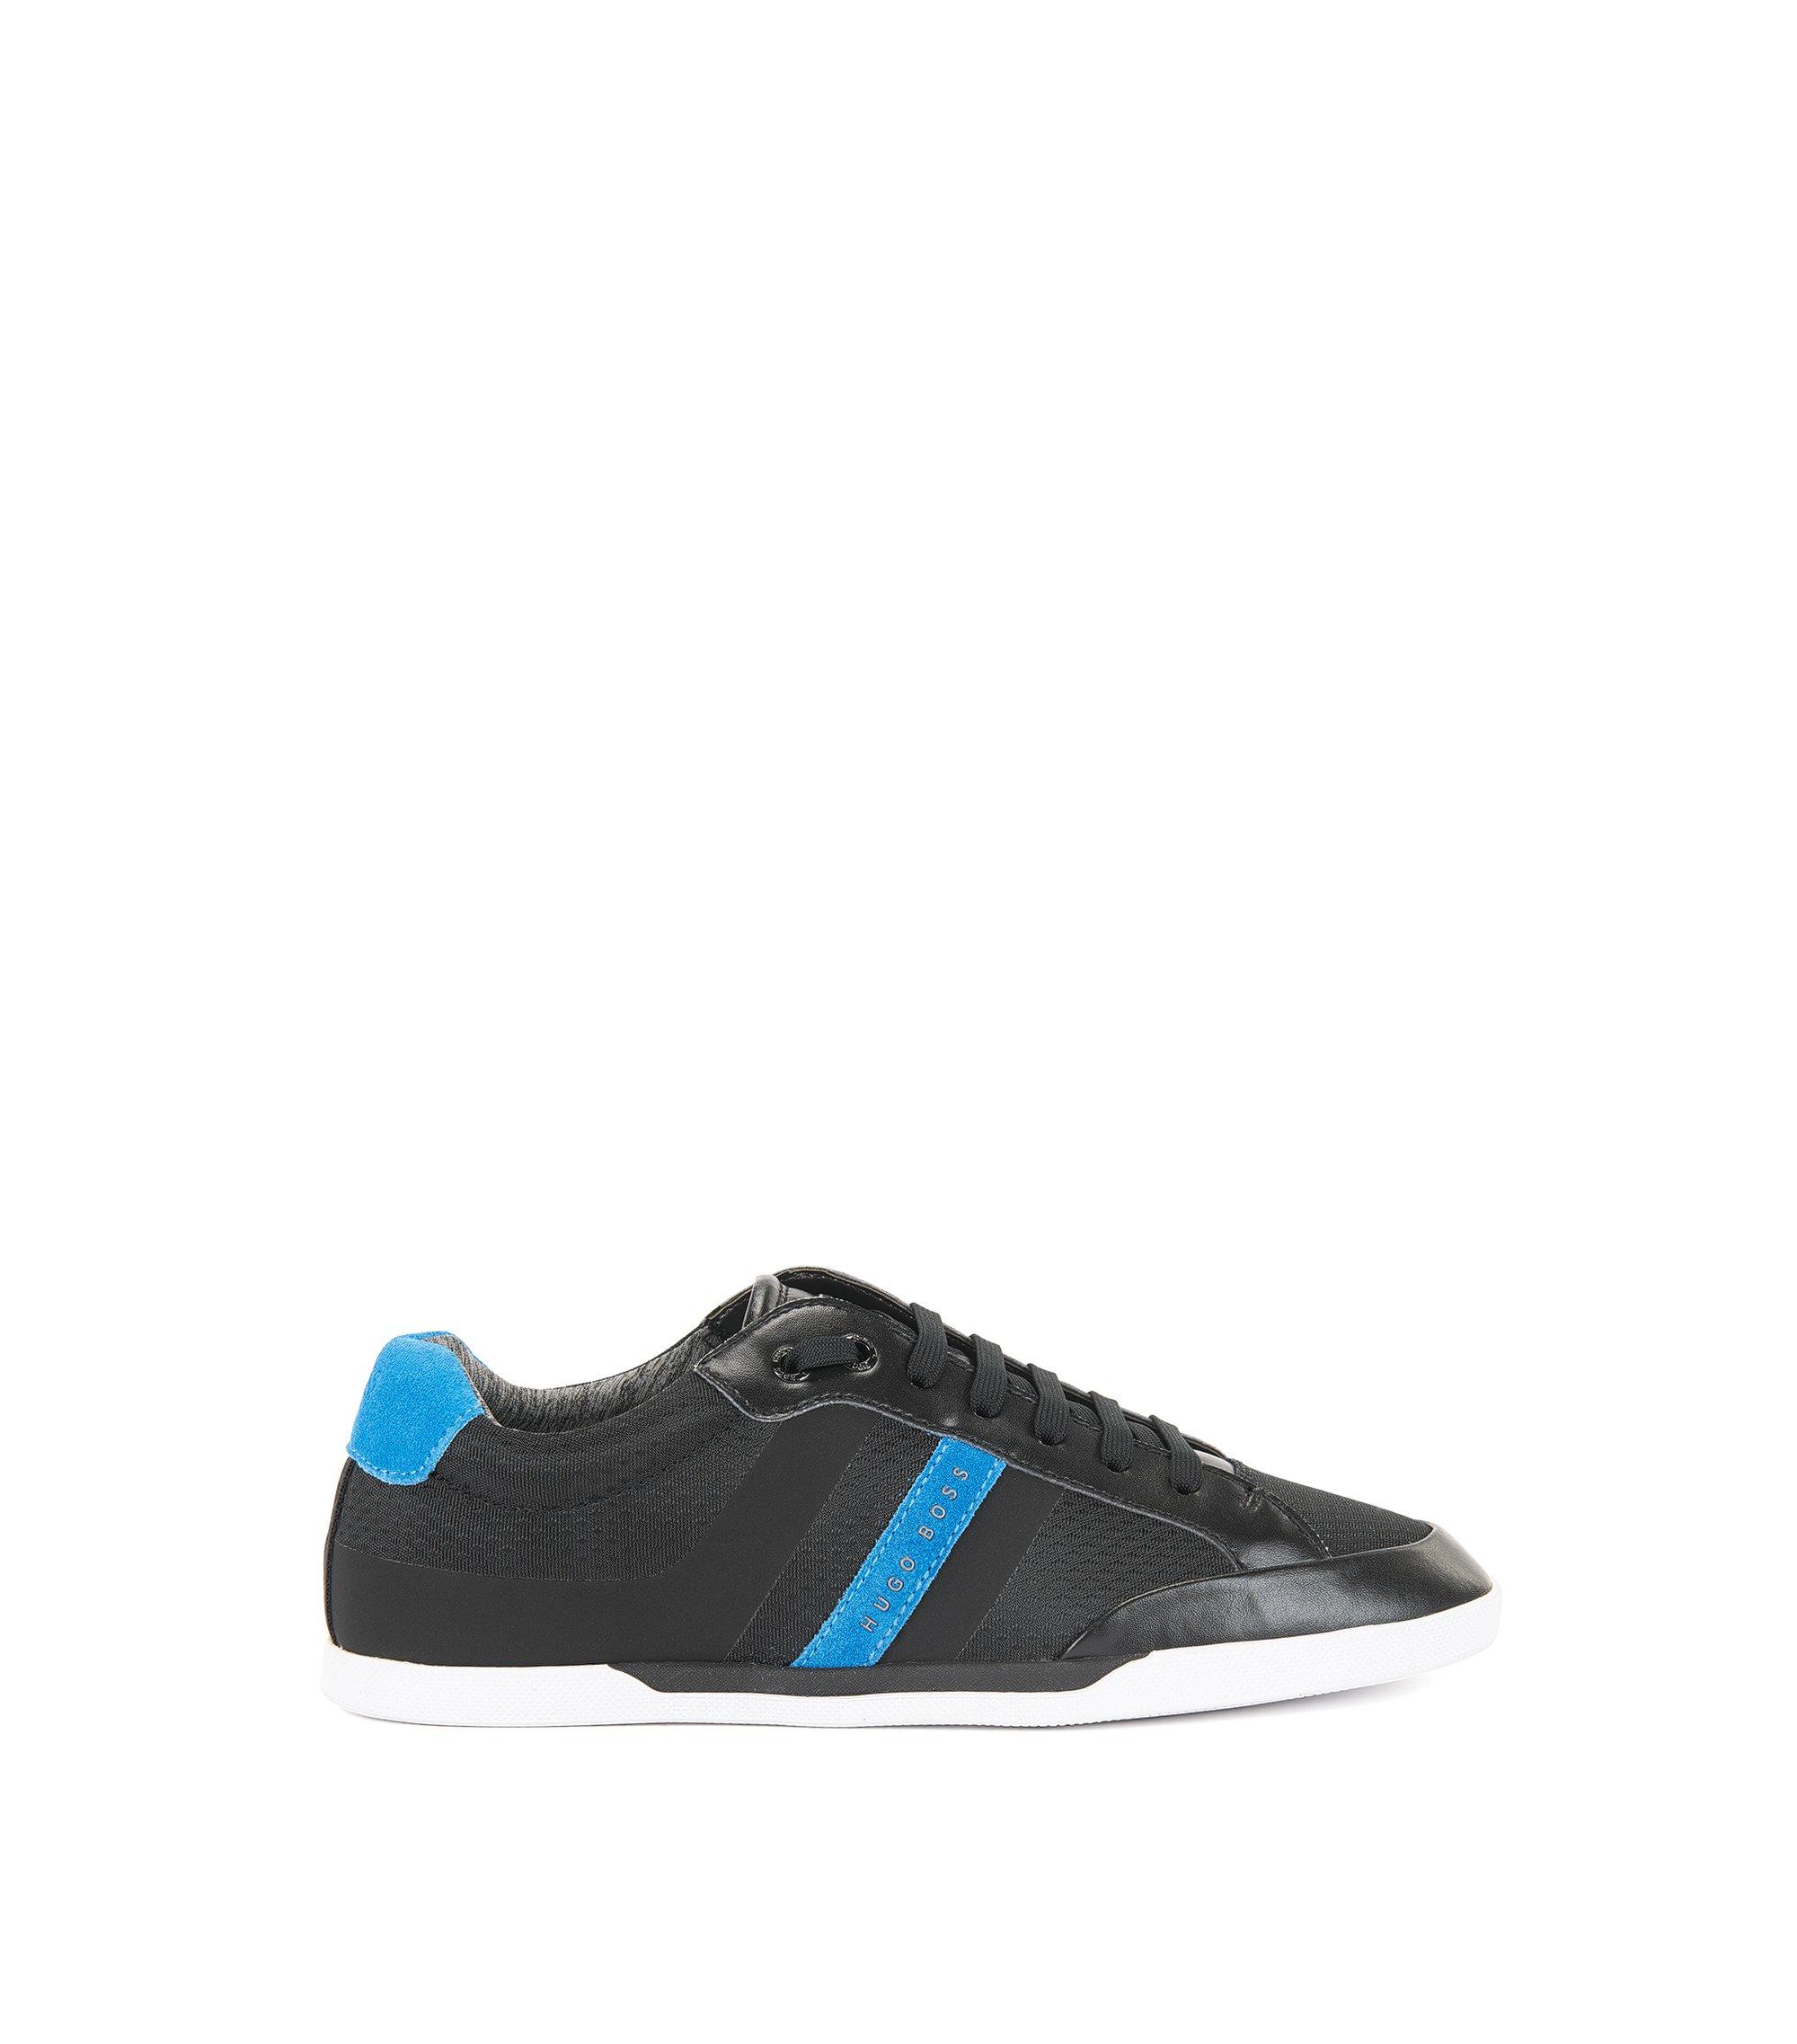 Sneakers in tennisstijl met suède bovenlaag, Zwart